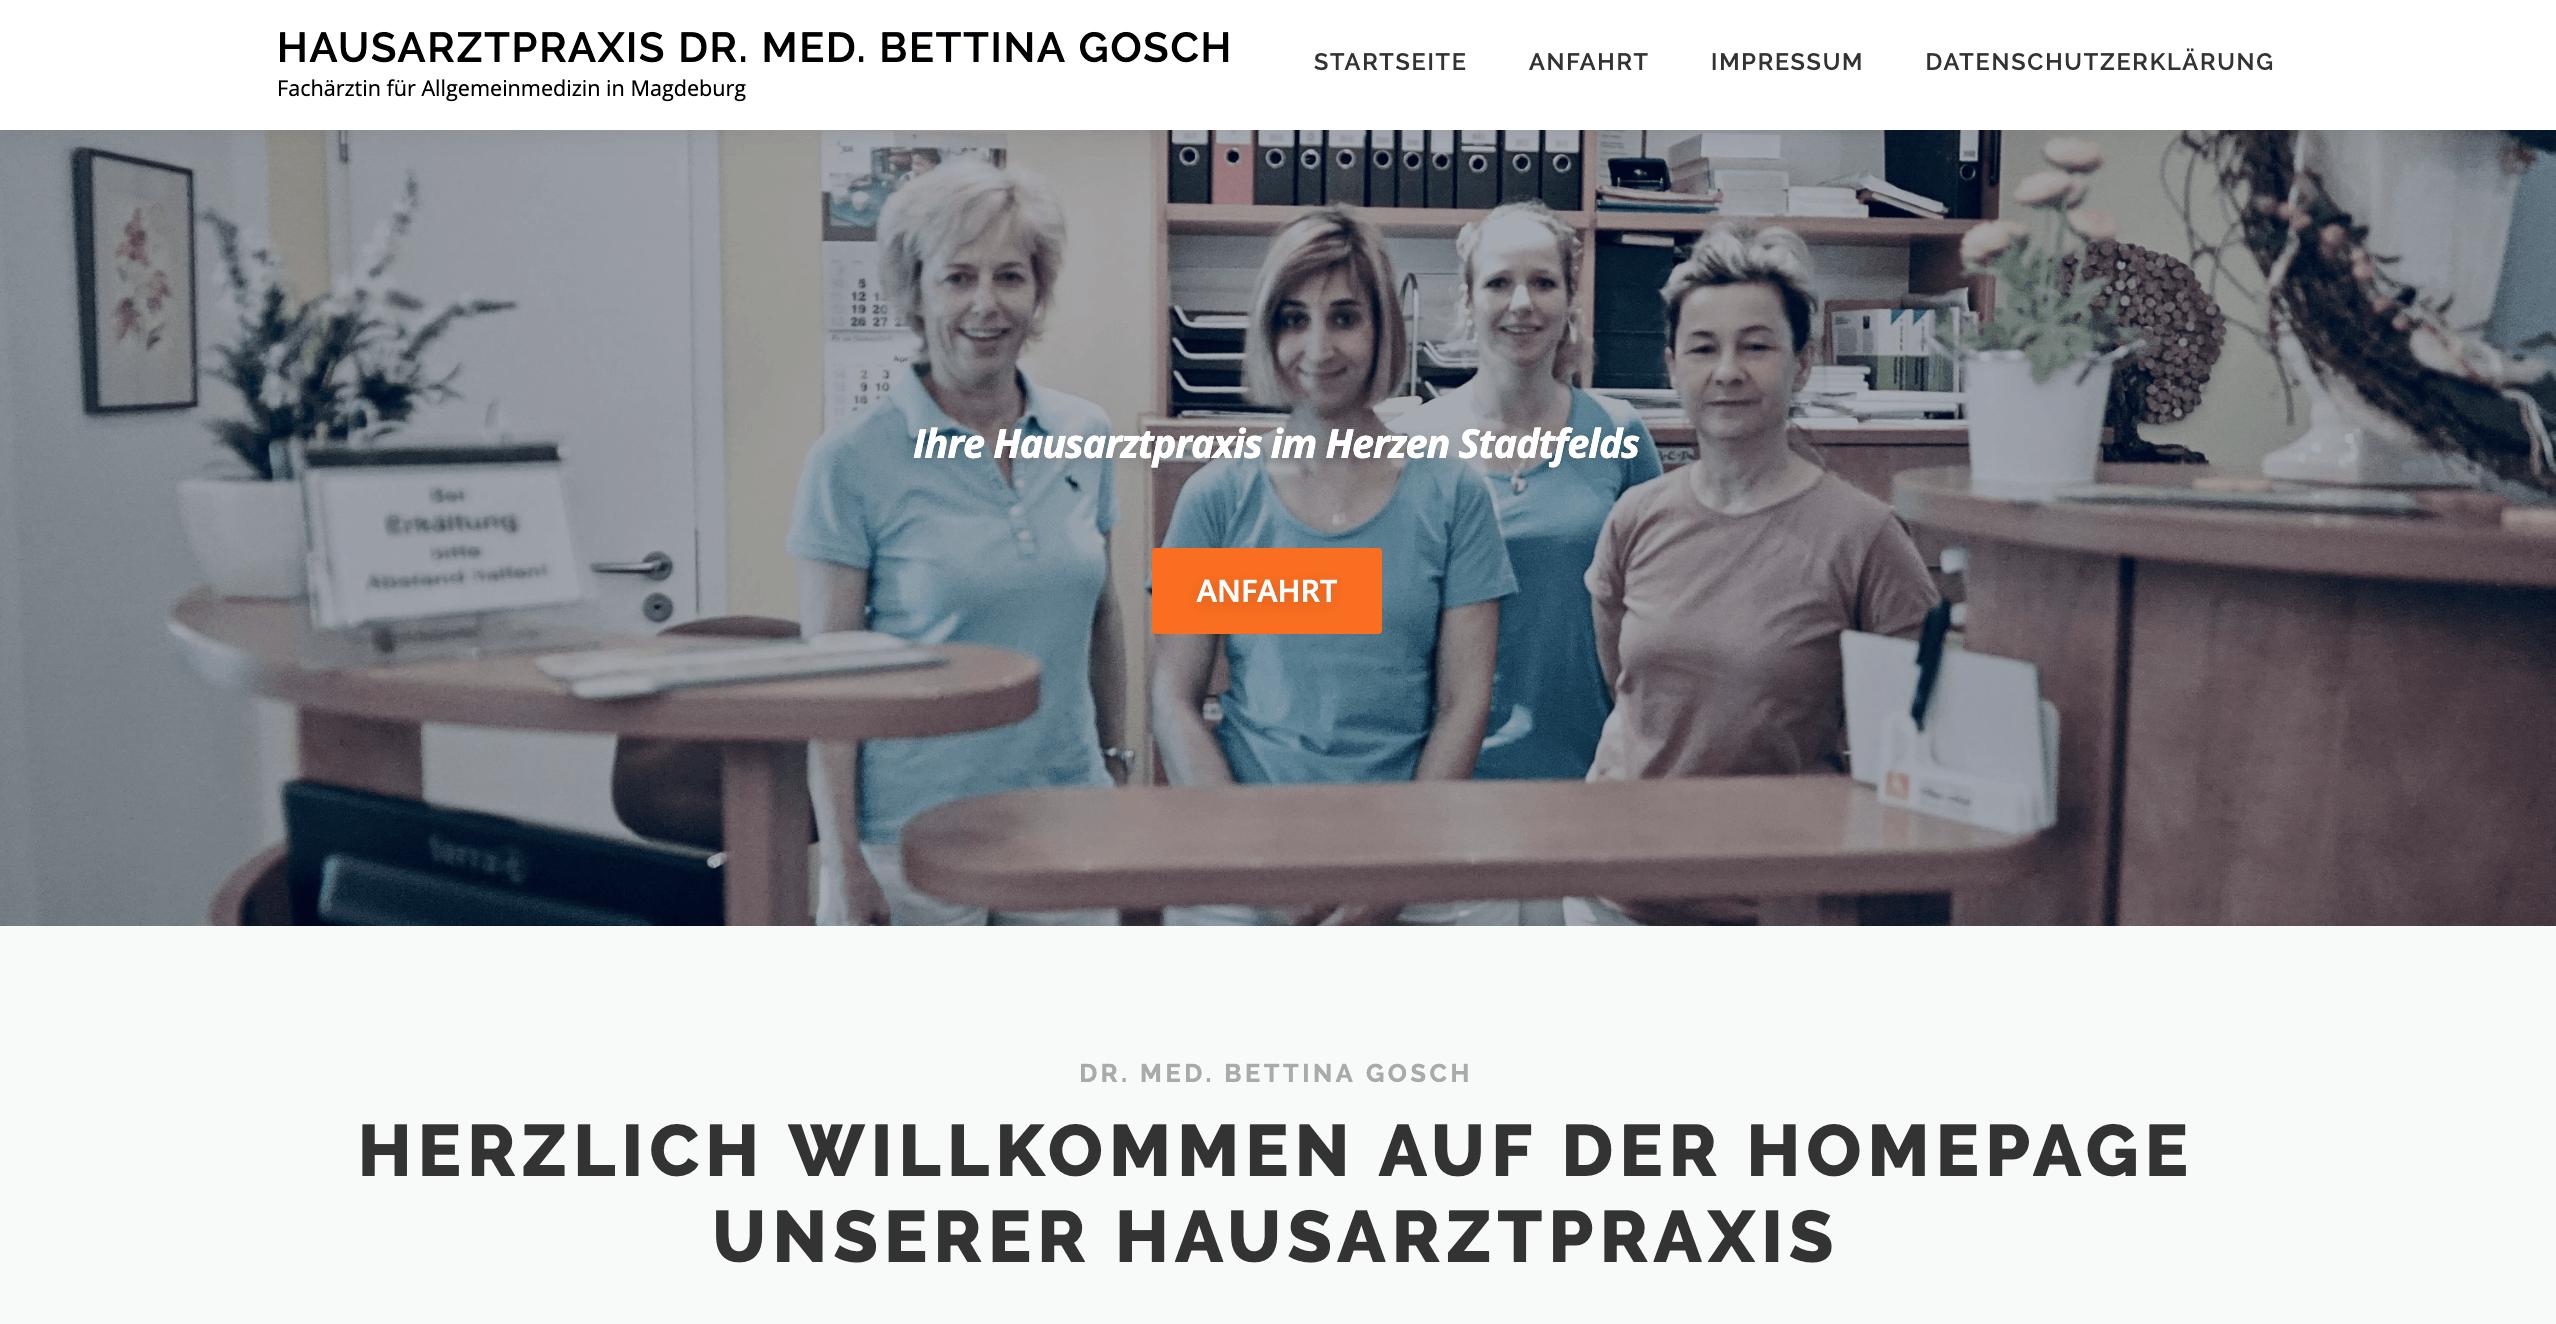 Hausarztpraxis Dr. med. Bettina Gosch